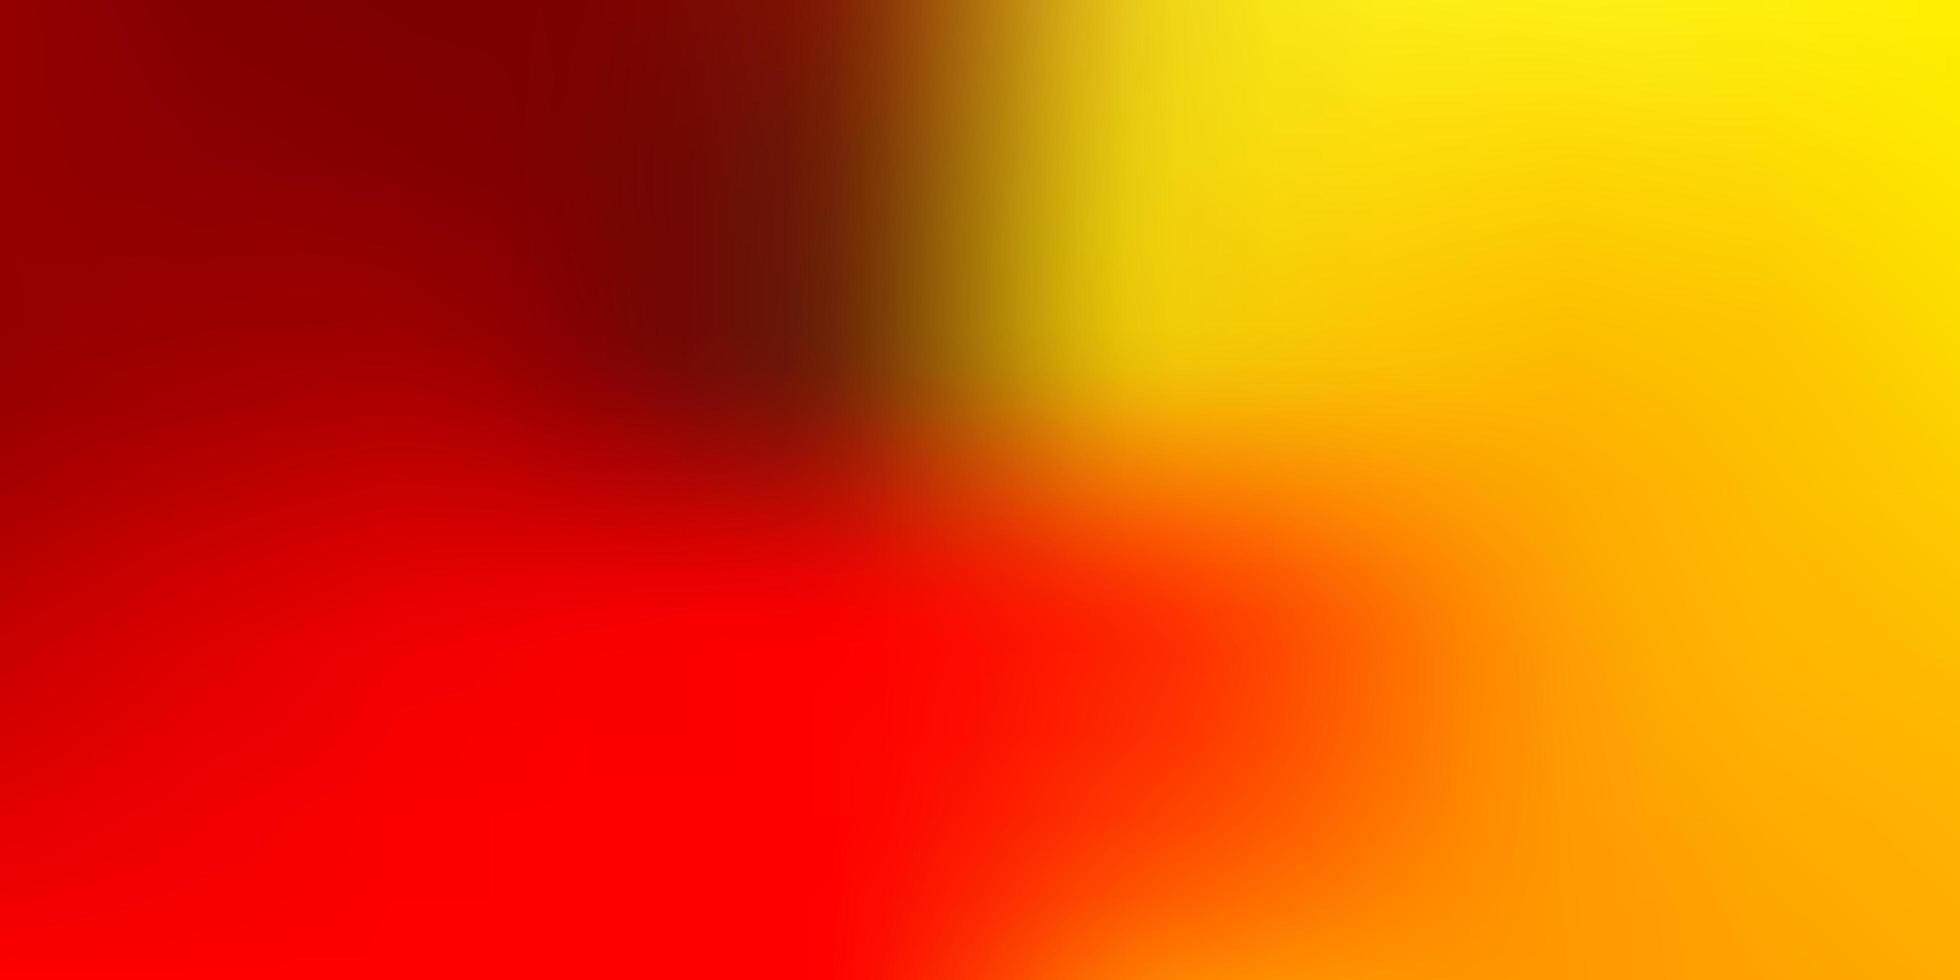 layout de borrão vermelho claro e amarelo. vetor